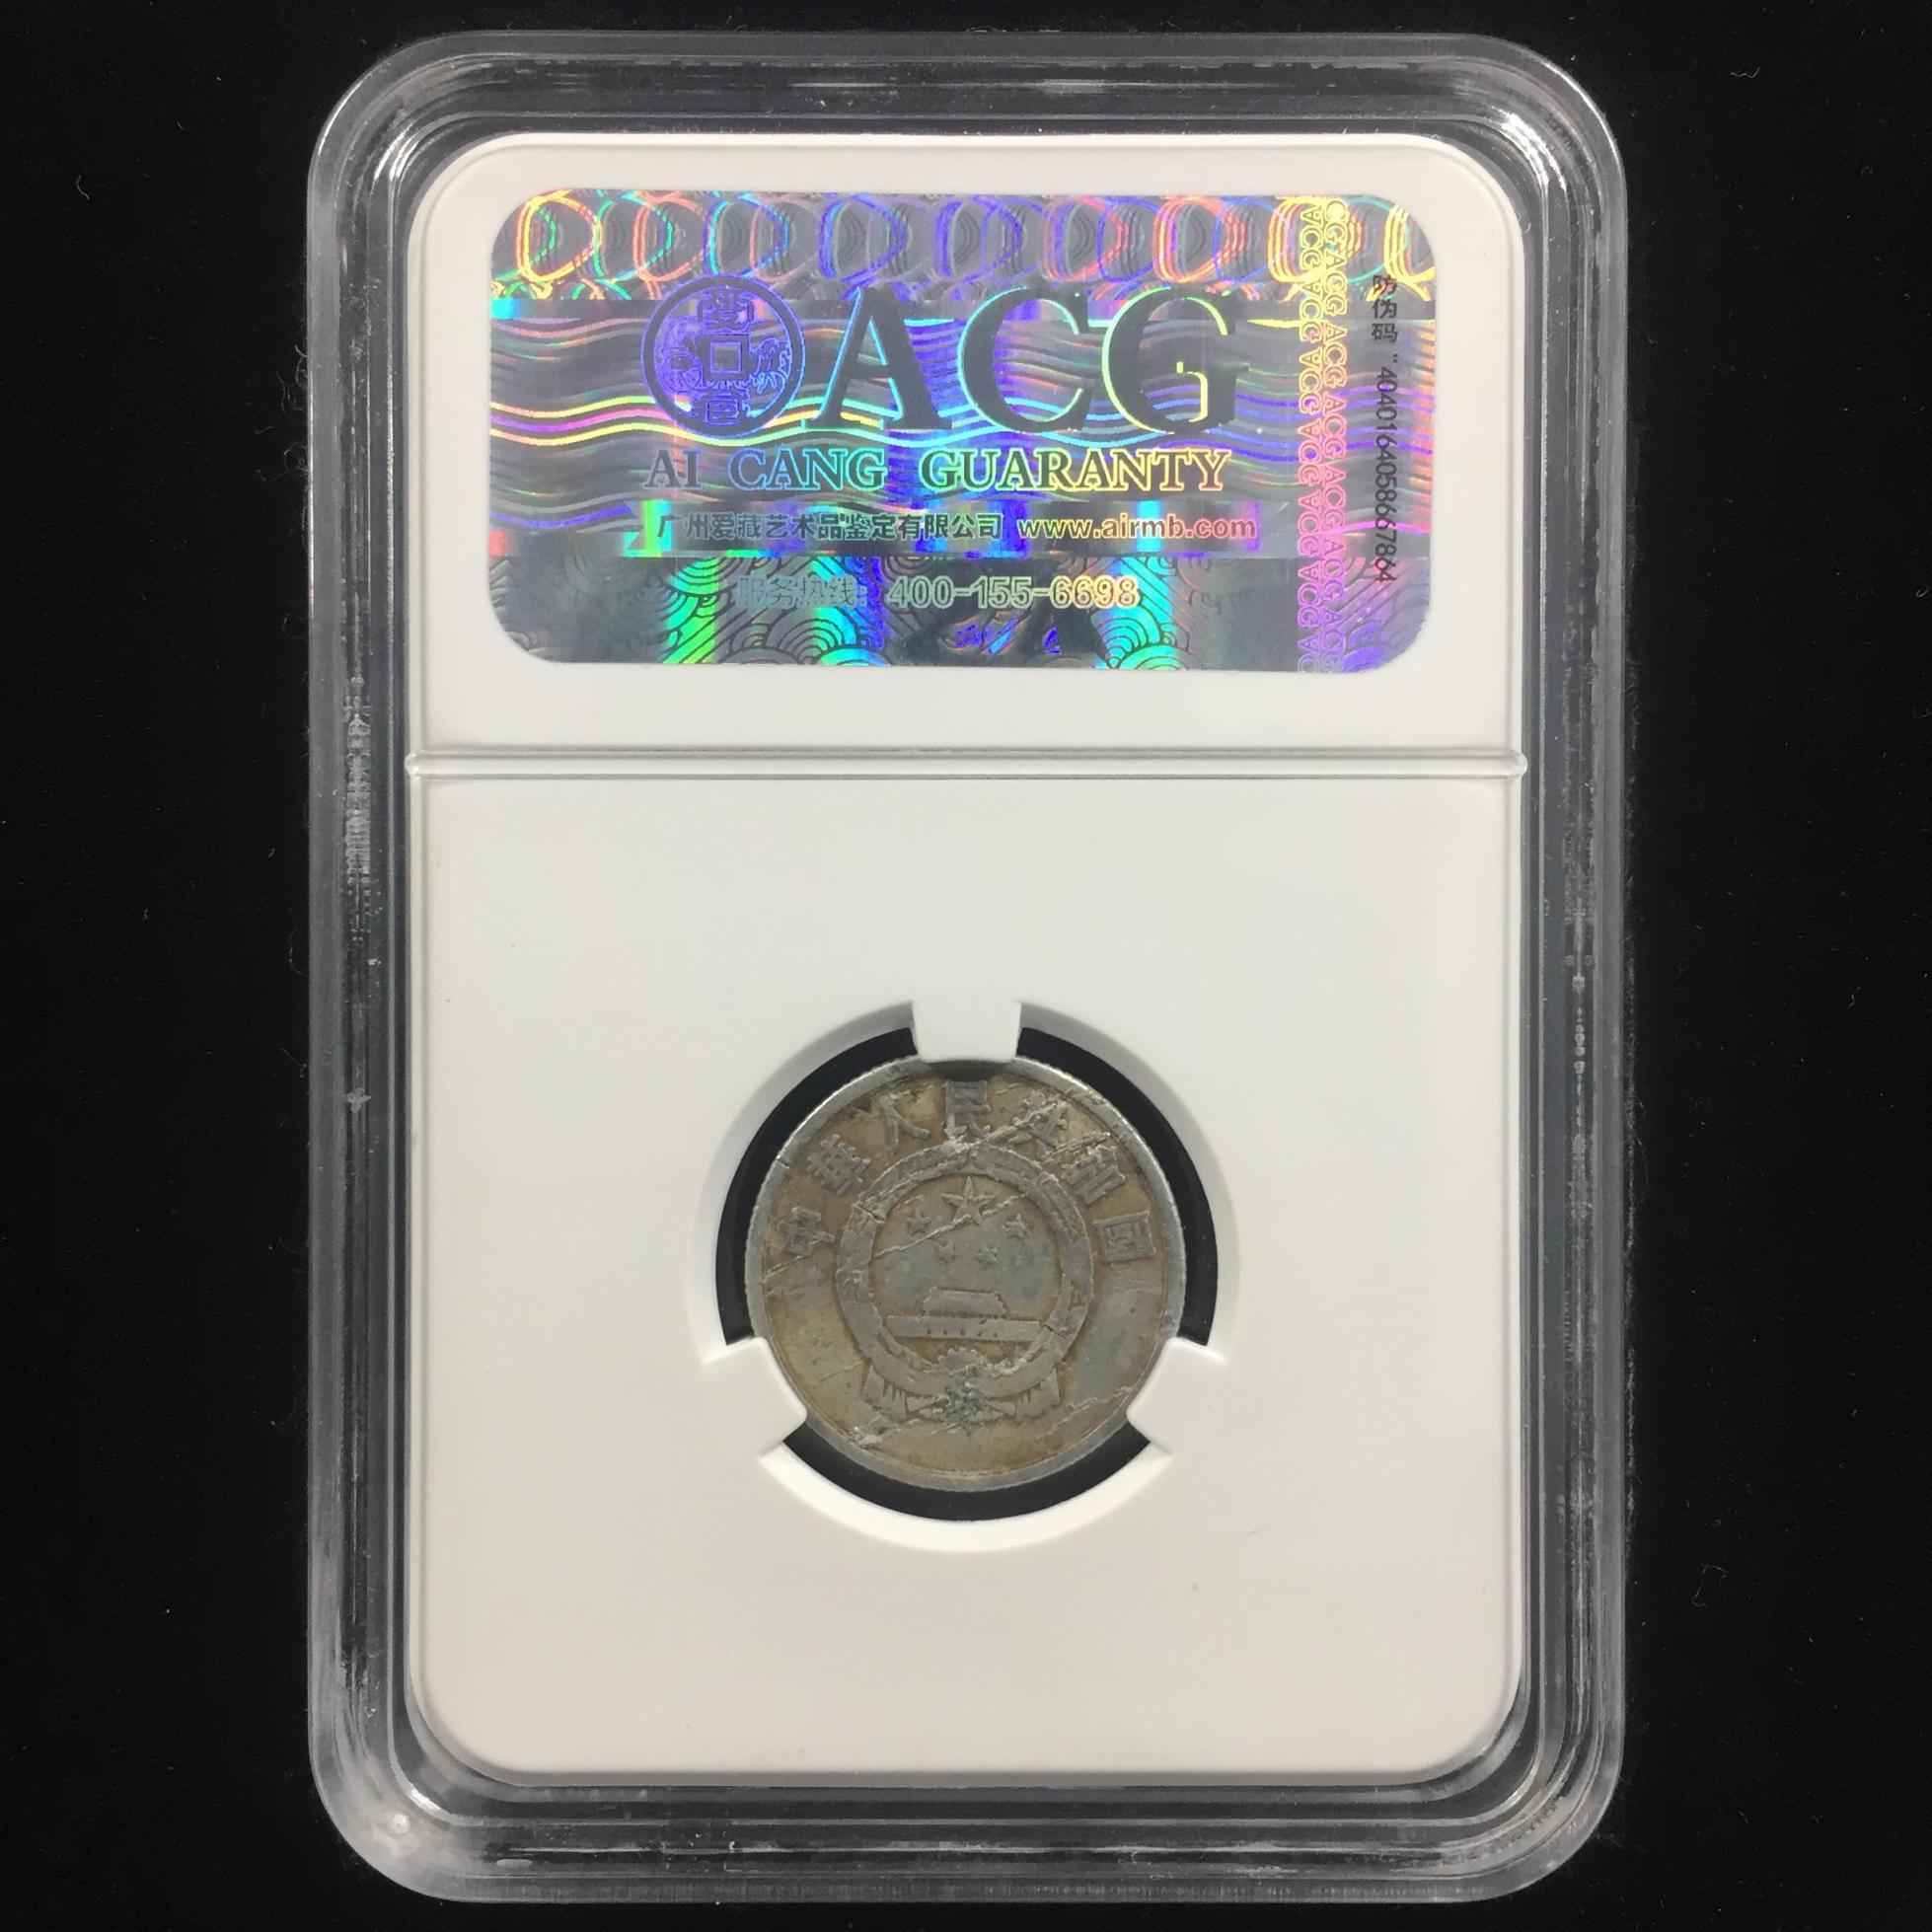 模裂币→1956年2分硬币→ACG鉴定证书-10757305